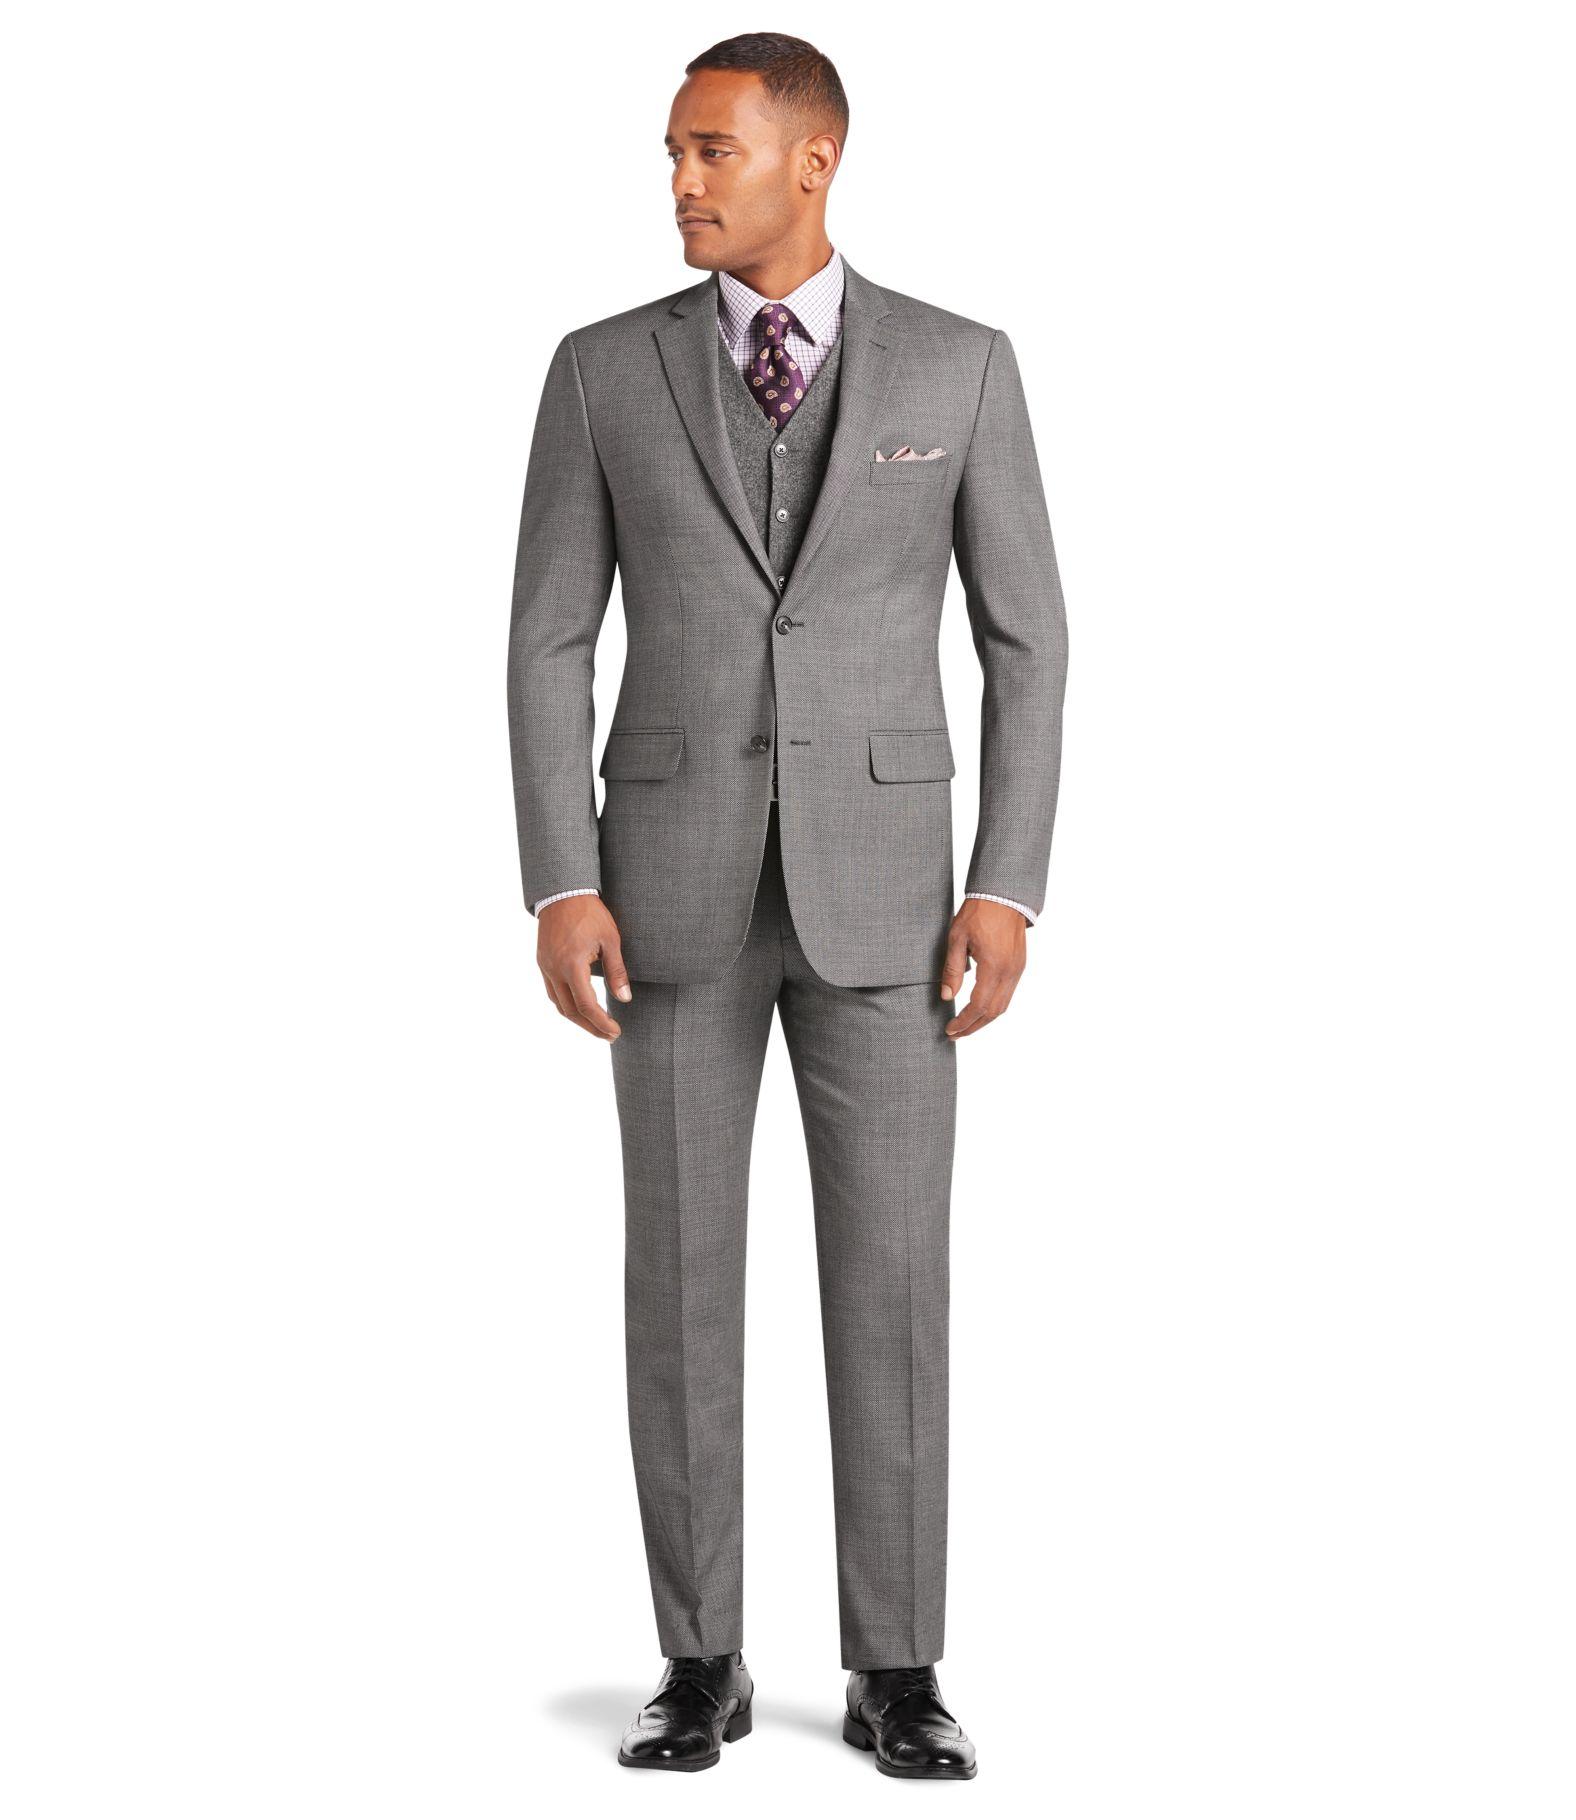 1905 Suits | Men's Suits | JoS. A. Bank Clothiers